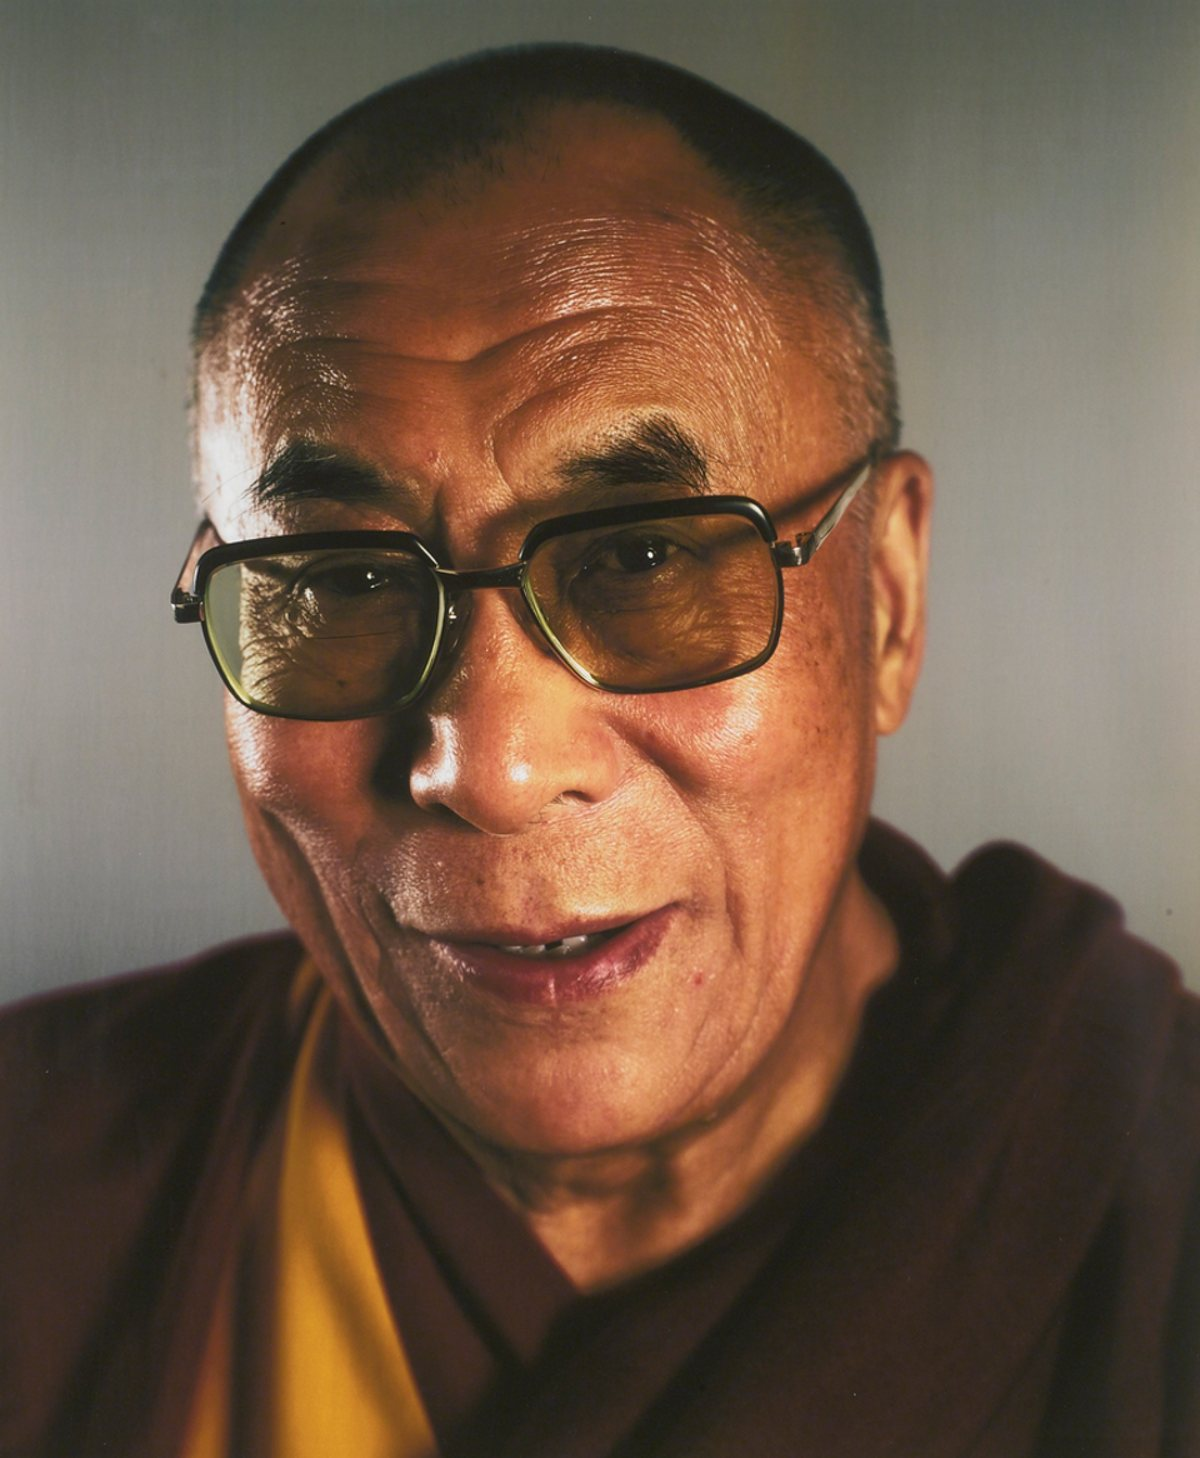 [ C ] Chuck Close - Dalai Lama (2005) | Credit: cea+